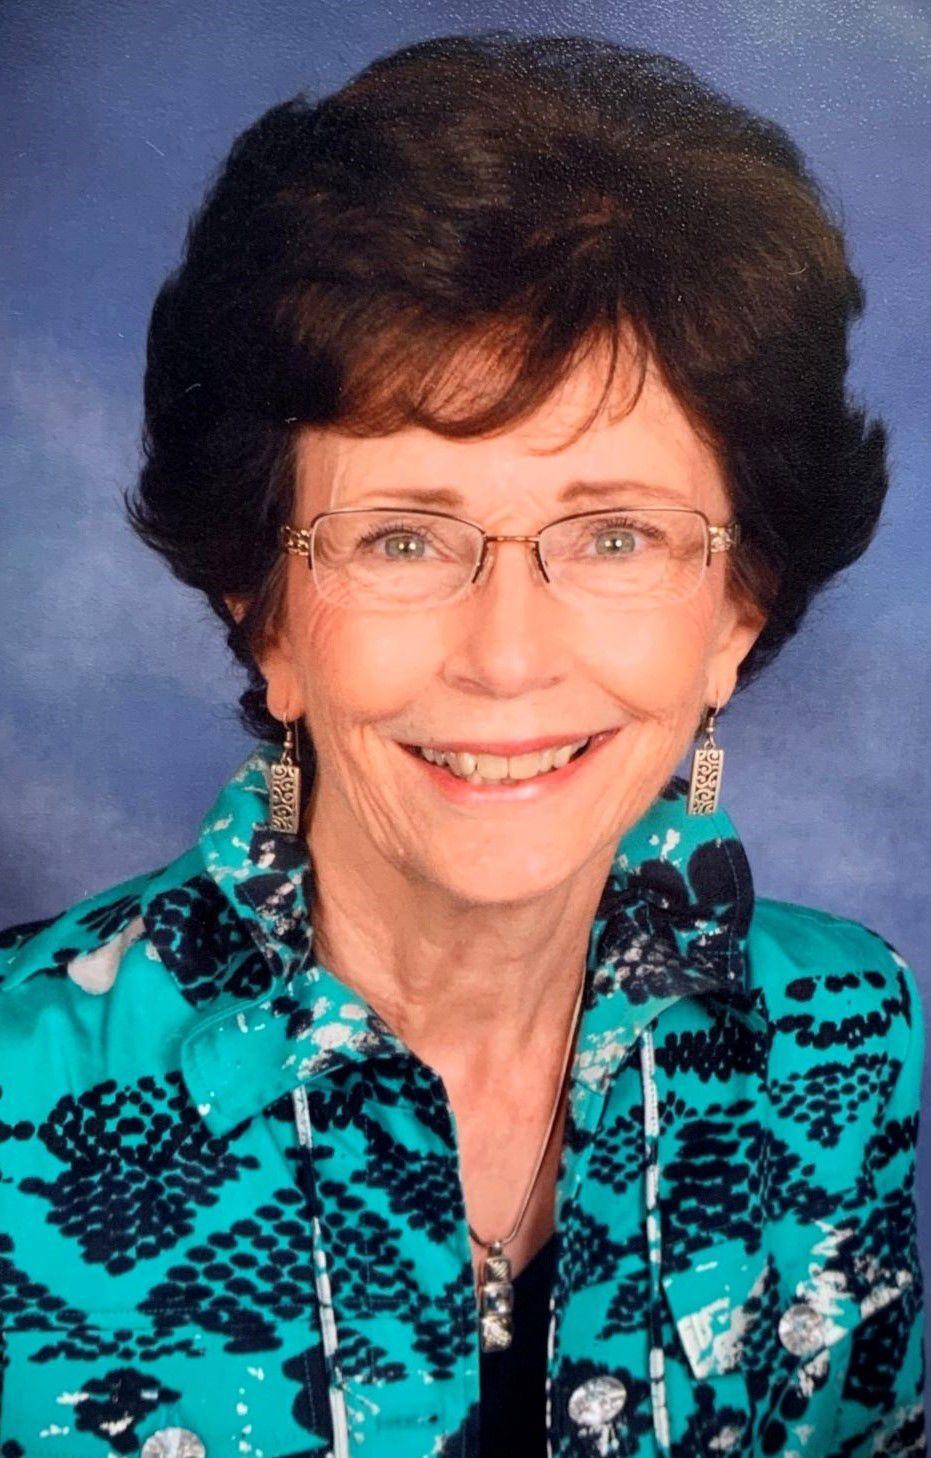 Phyllis Ann Mitchiner